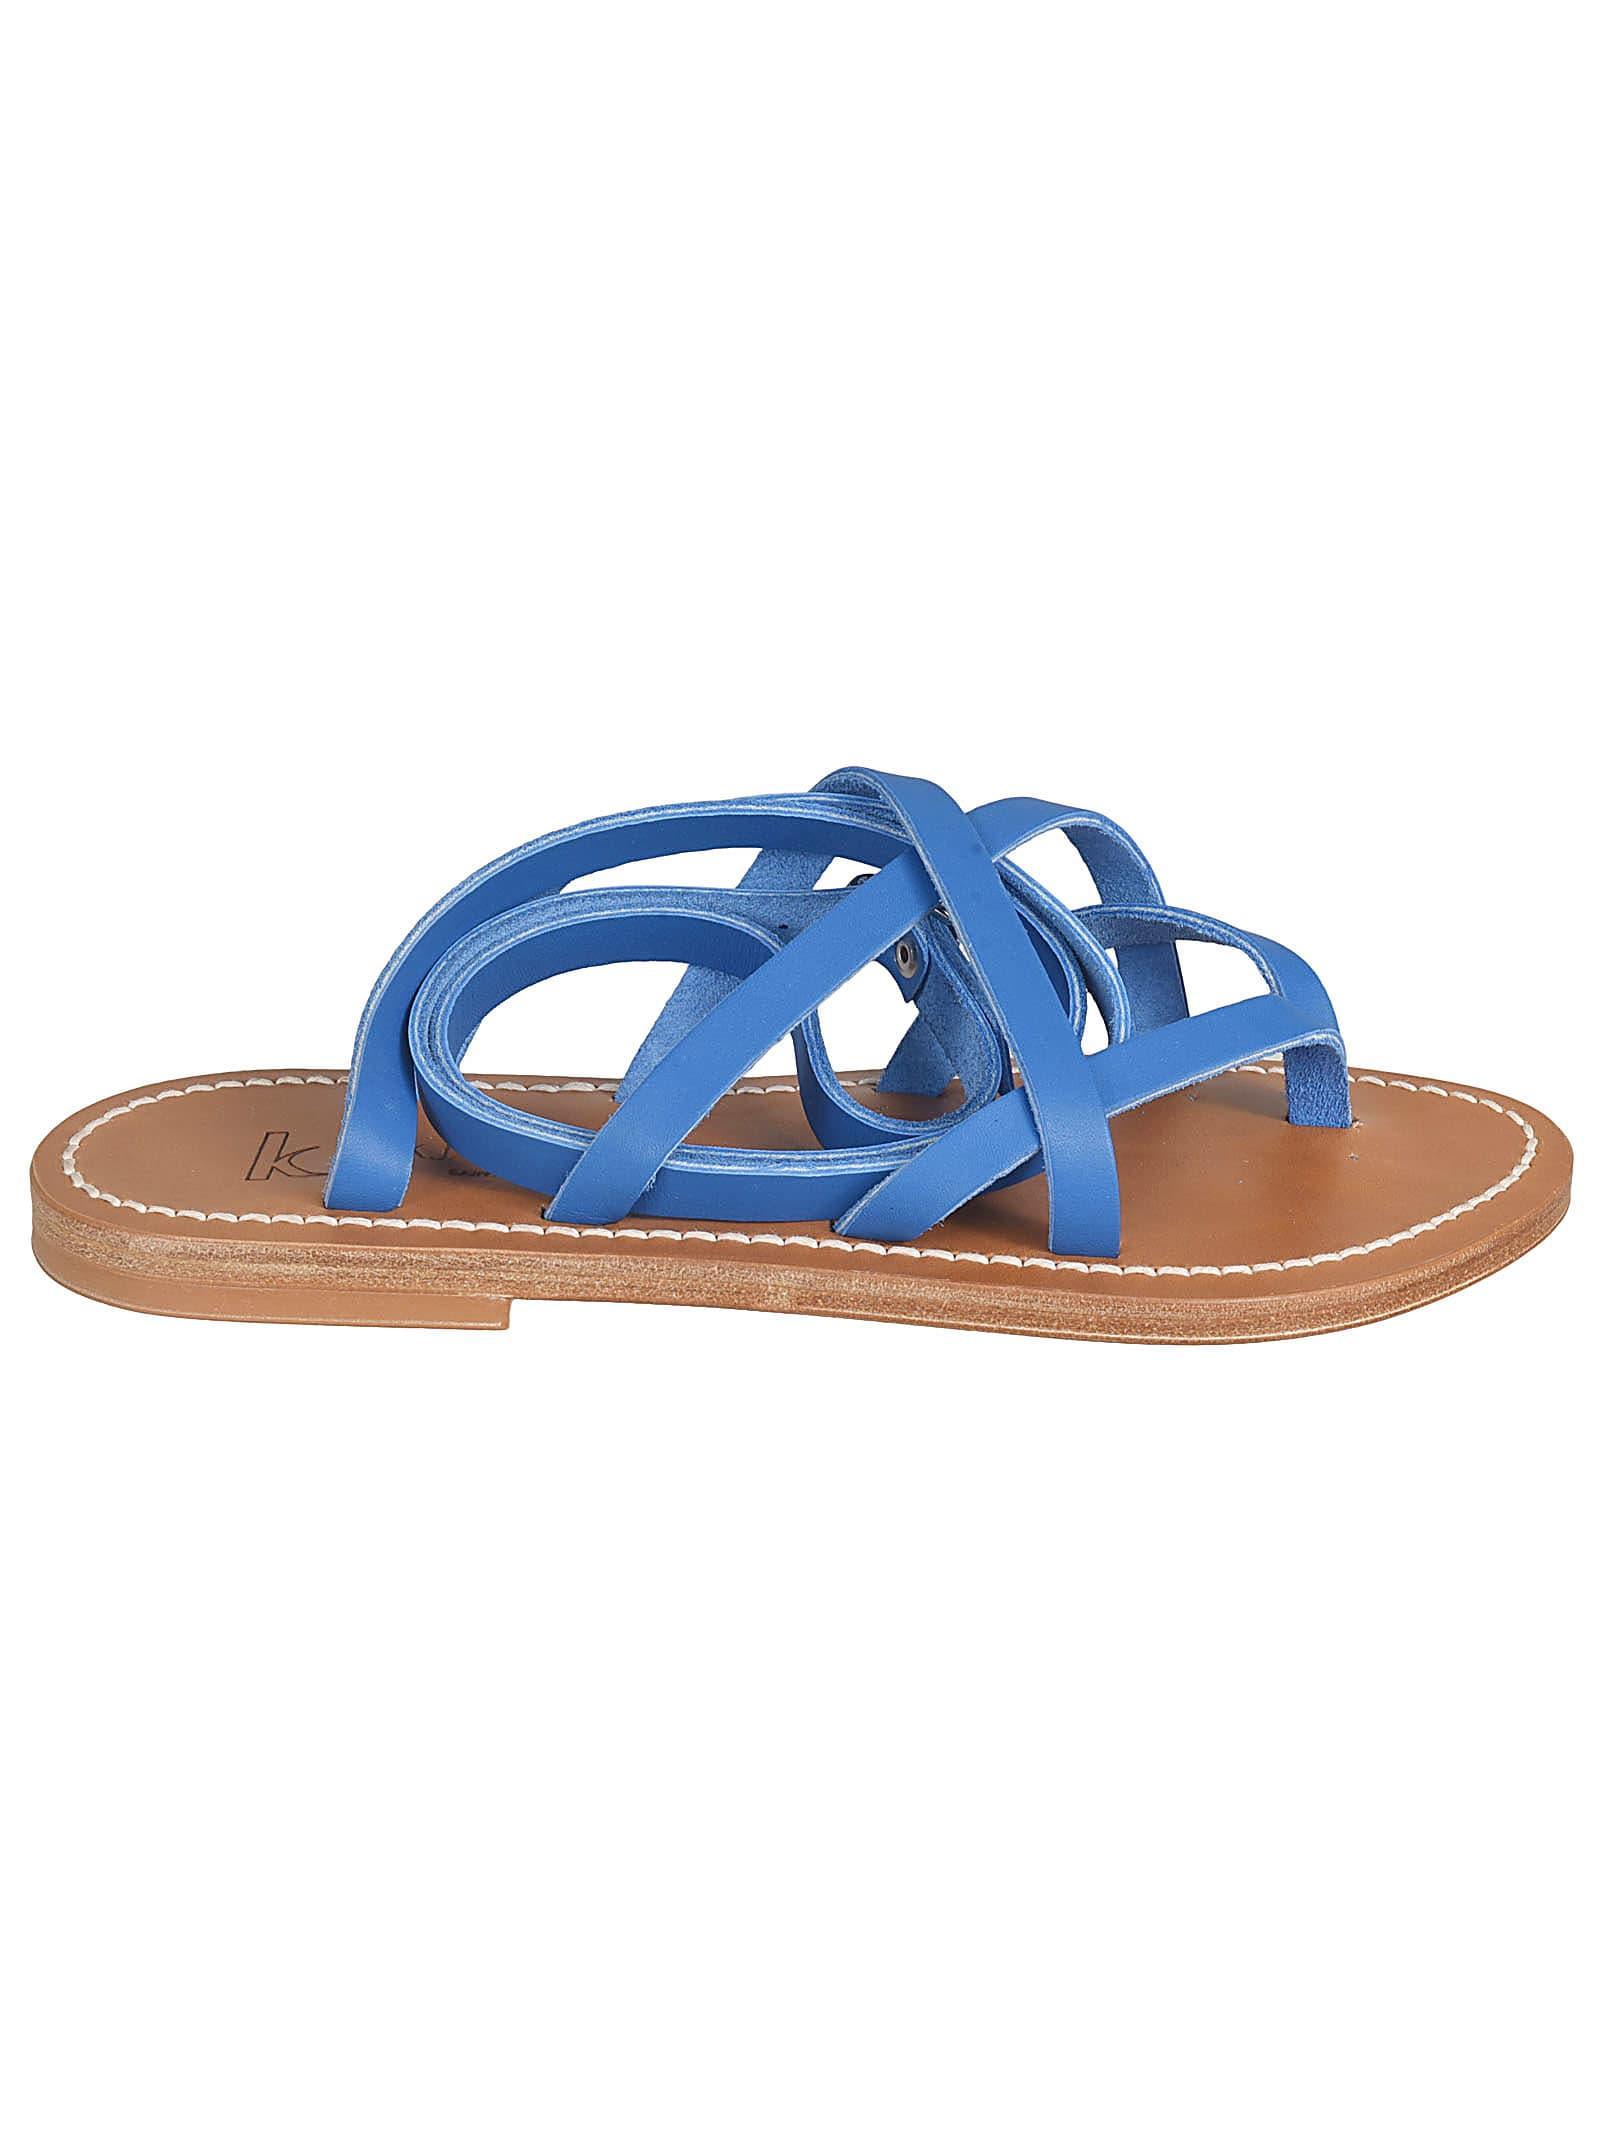 K.Jacques Zenobie Flat Sandals